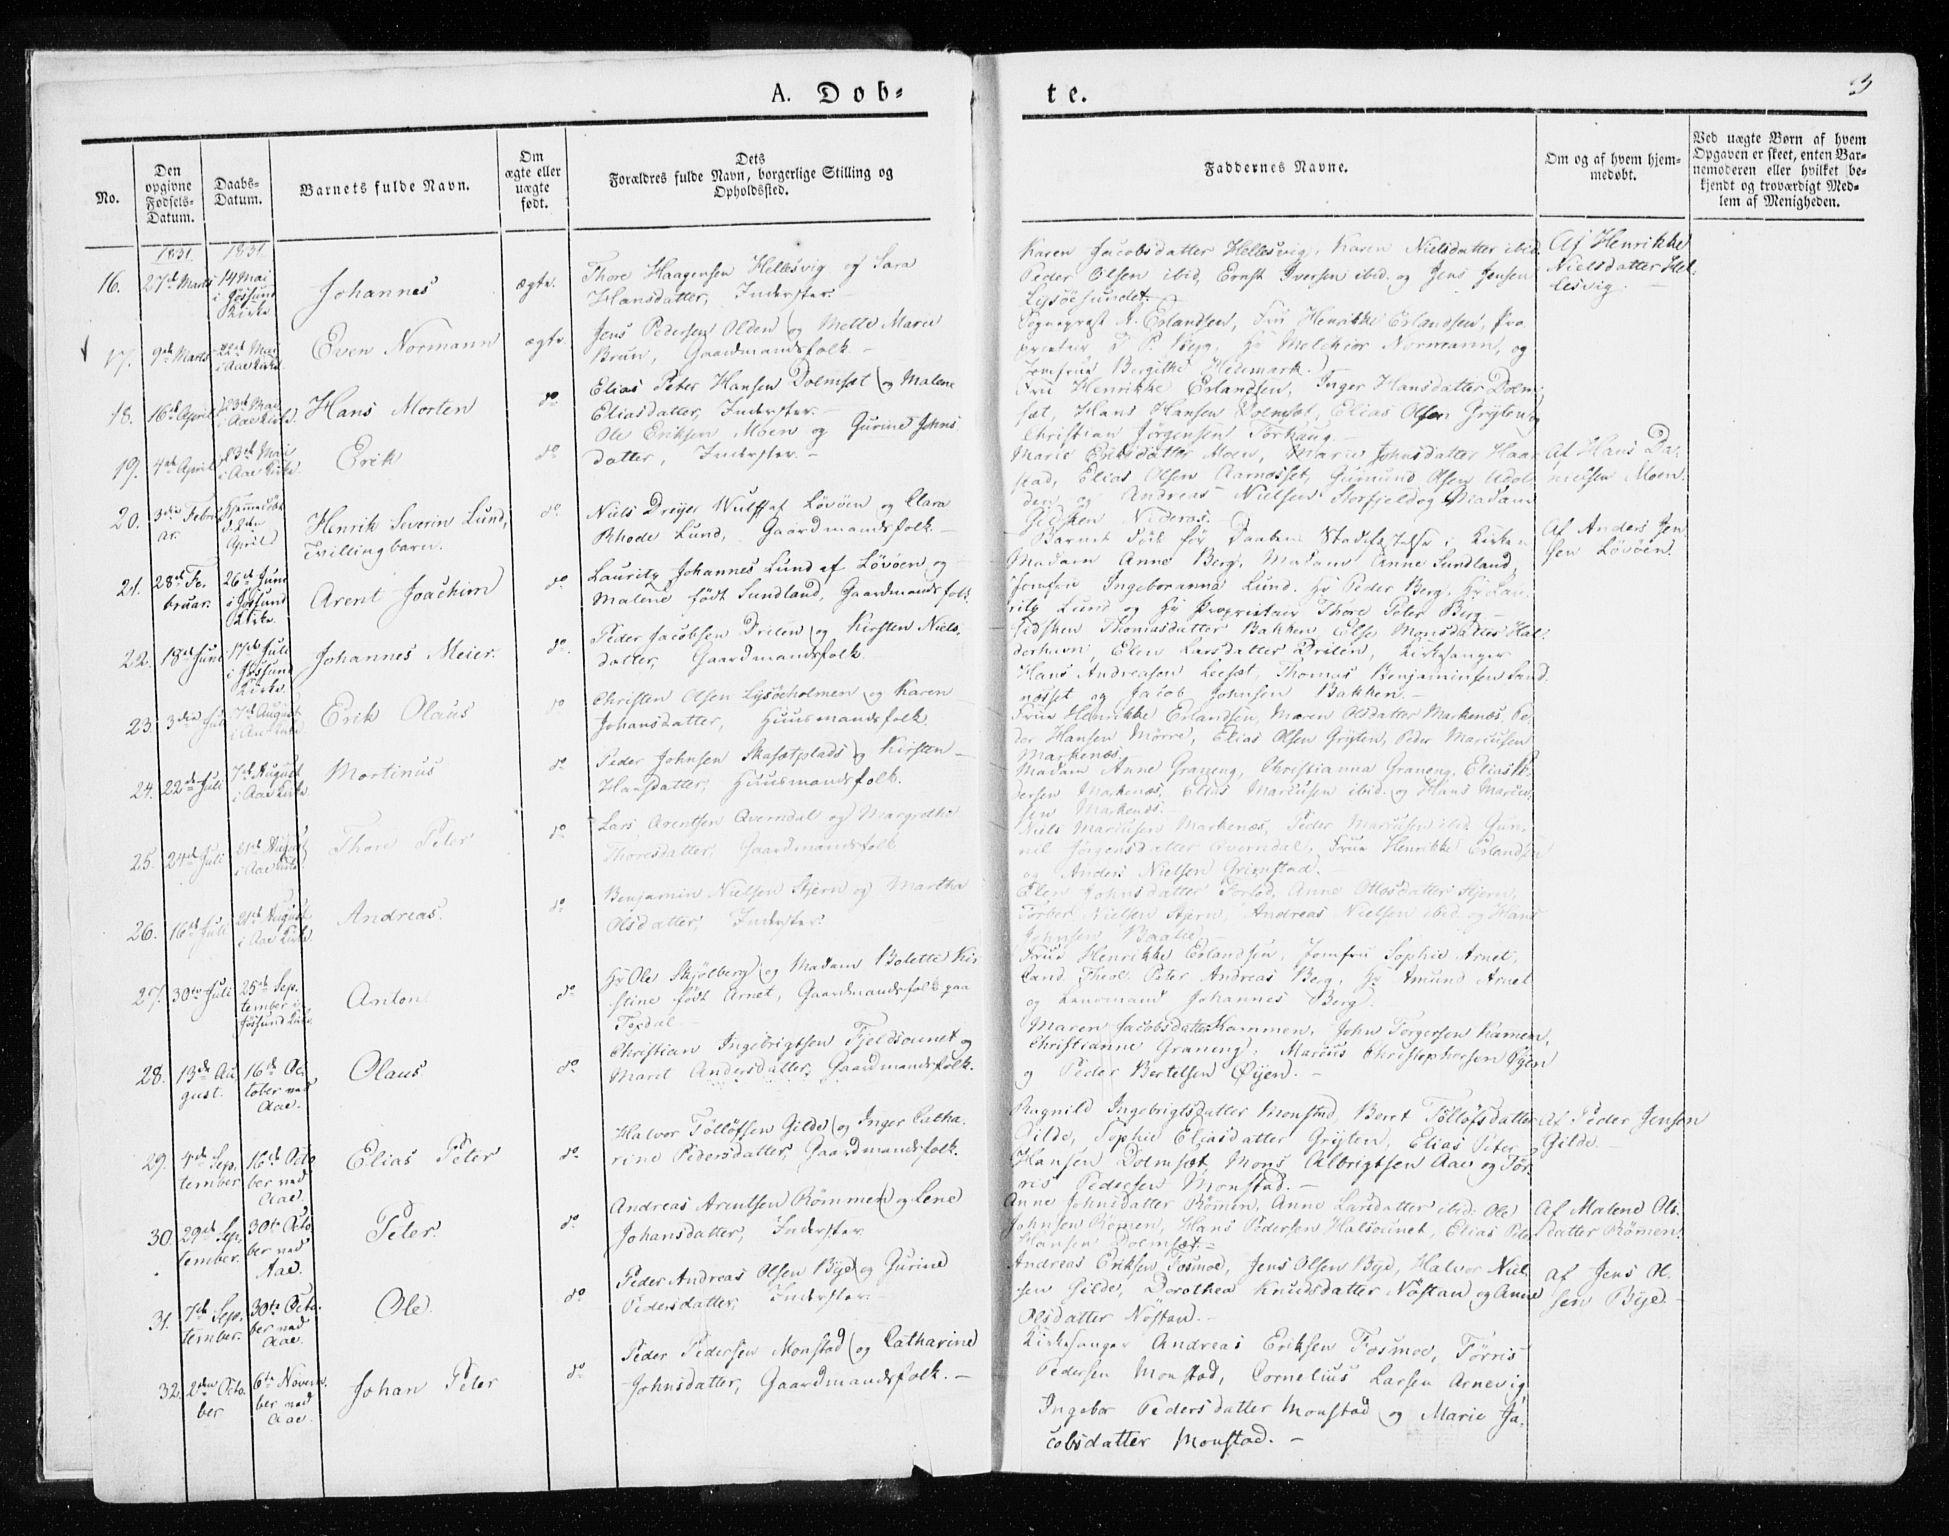 SAT, Ministerialprotokoller, klokkerbøker og fødselsregistre - Sør-Trøndelag, 655/L0676: Ministerialbok nr. 655A05, 1830-1847, s. 3